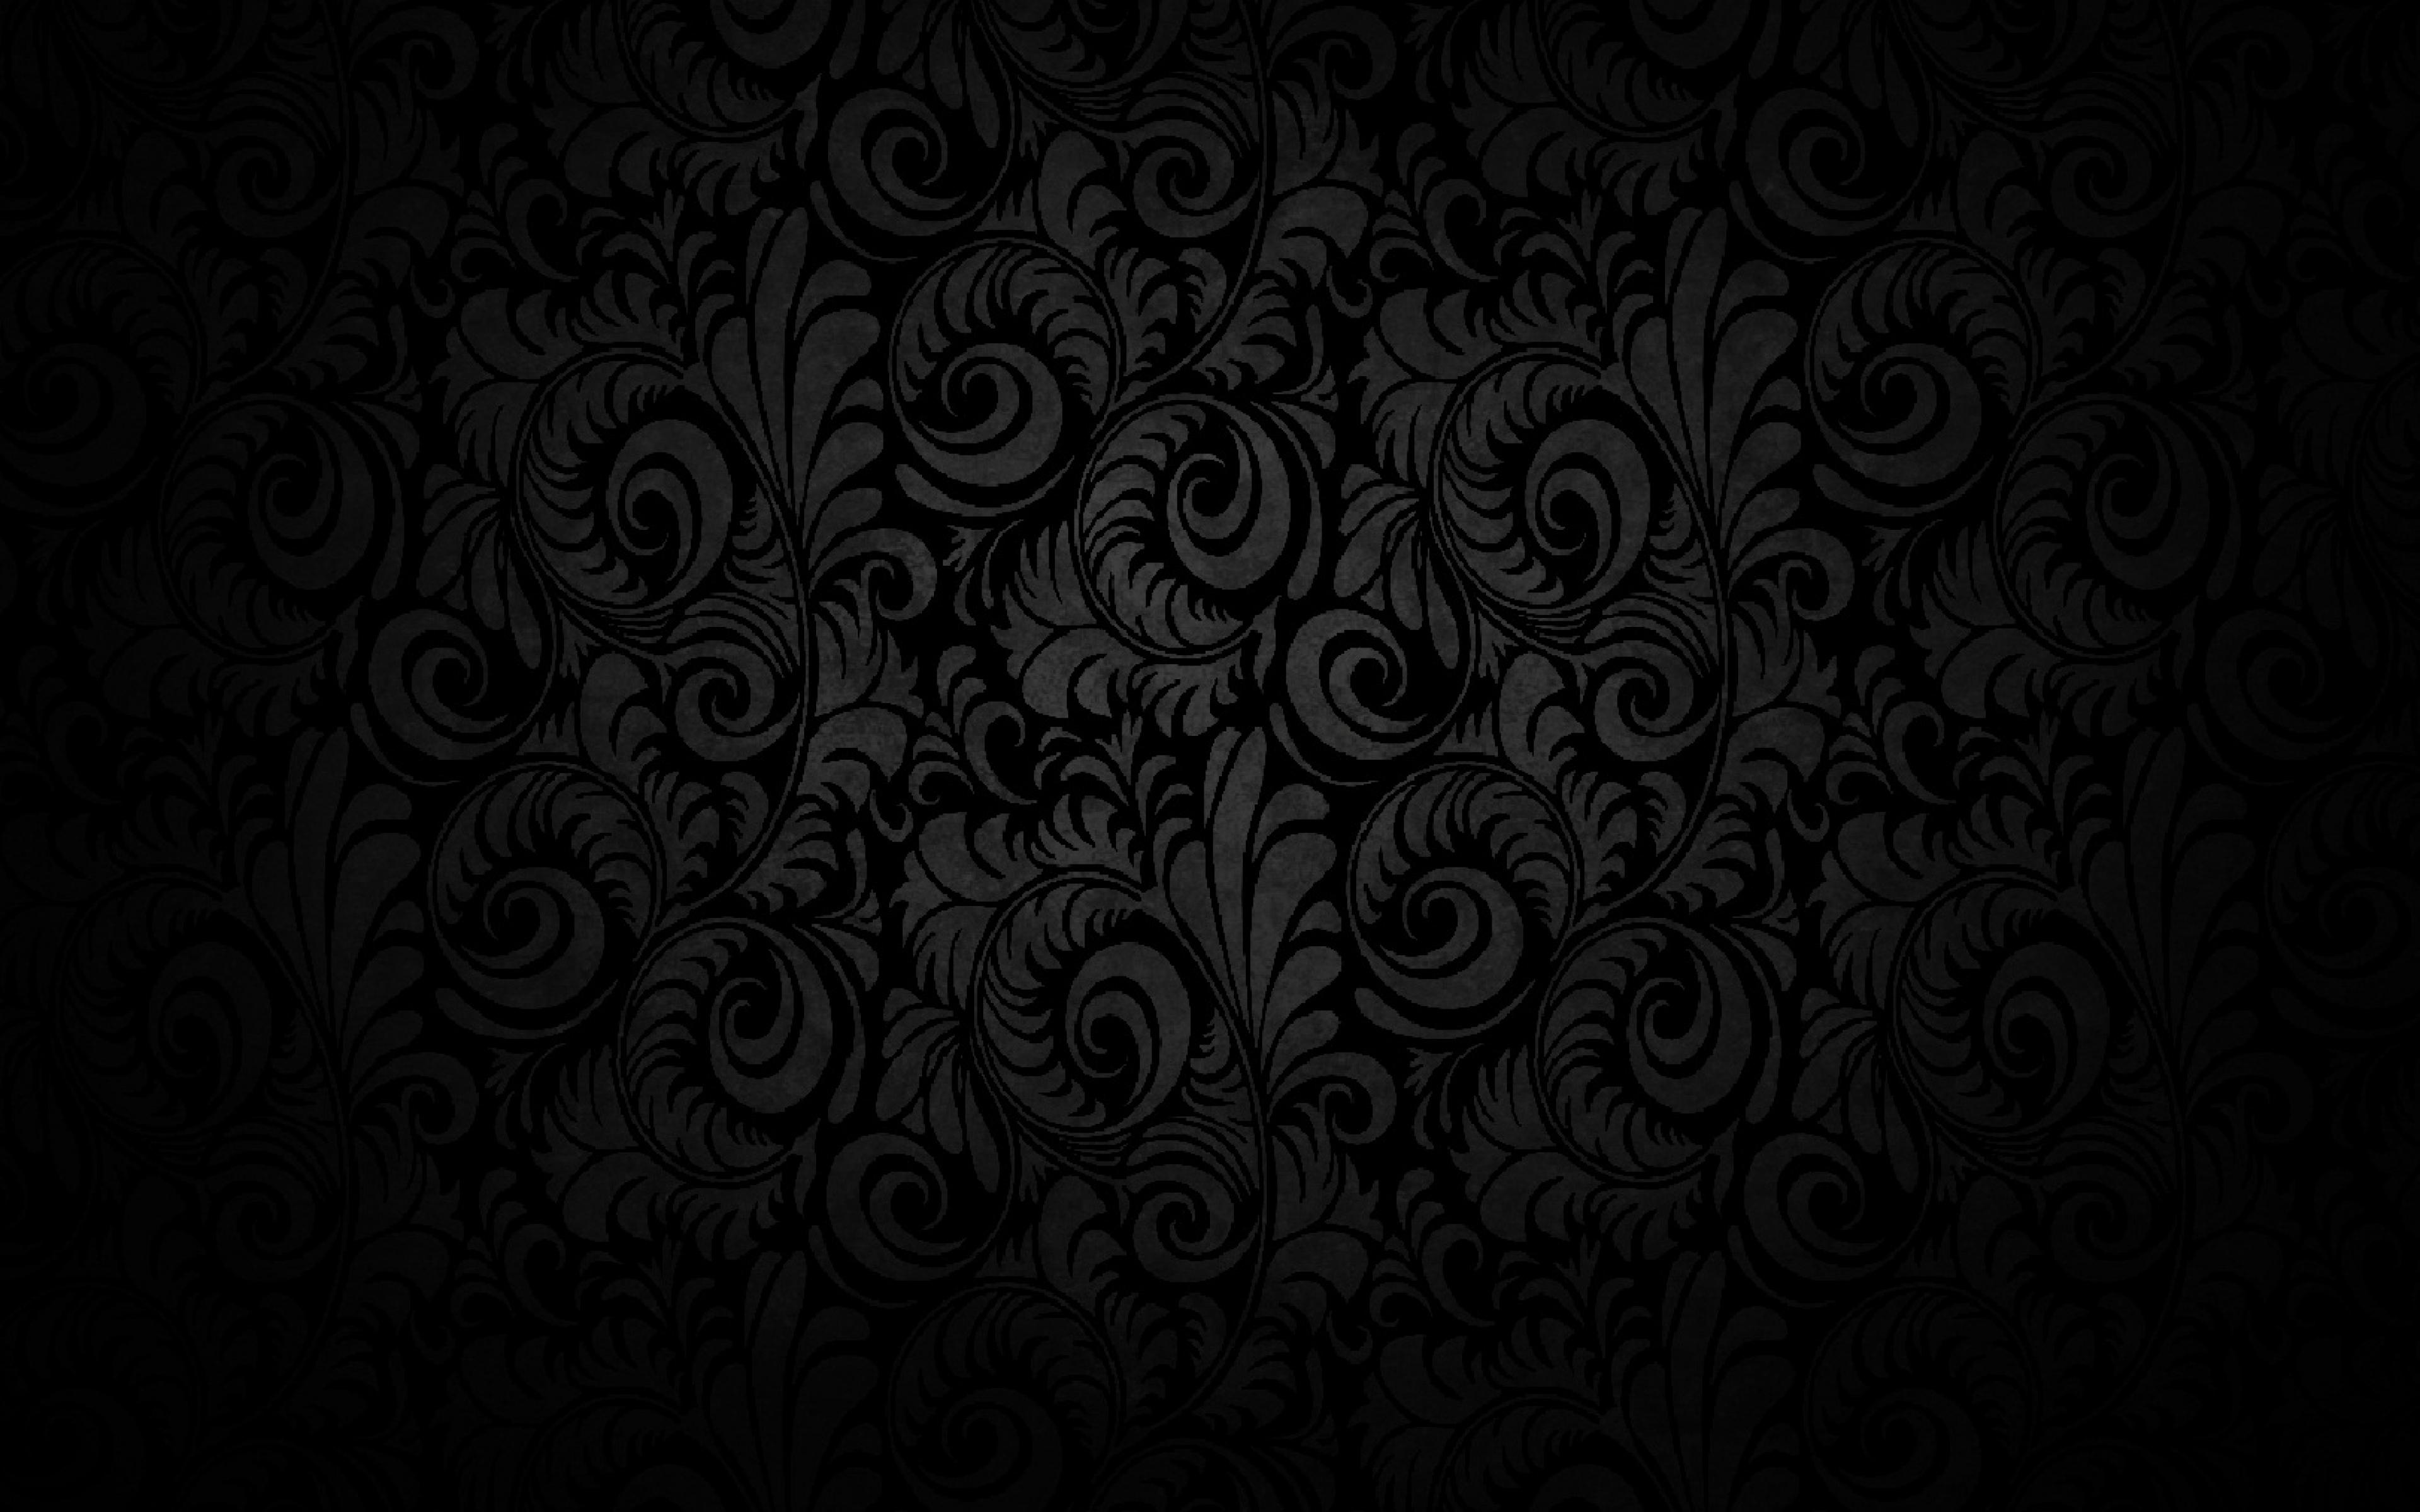 45 4k Dark Wallpaper On Wallpapersafari